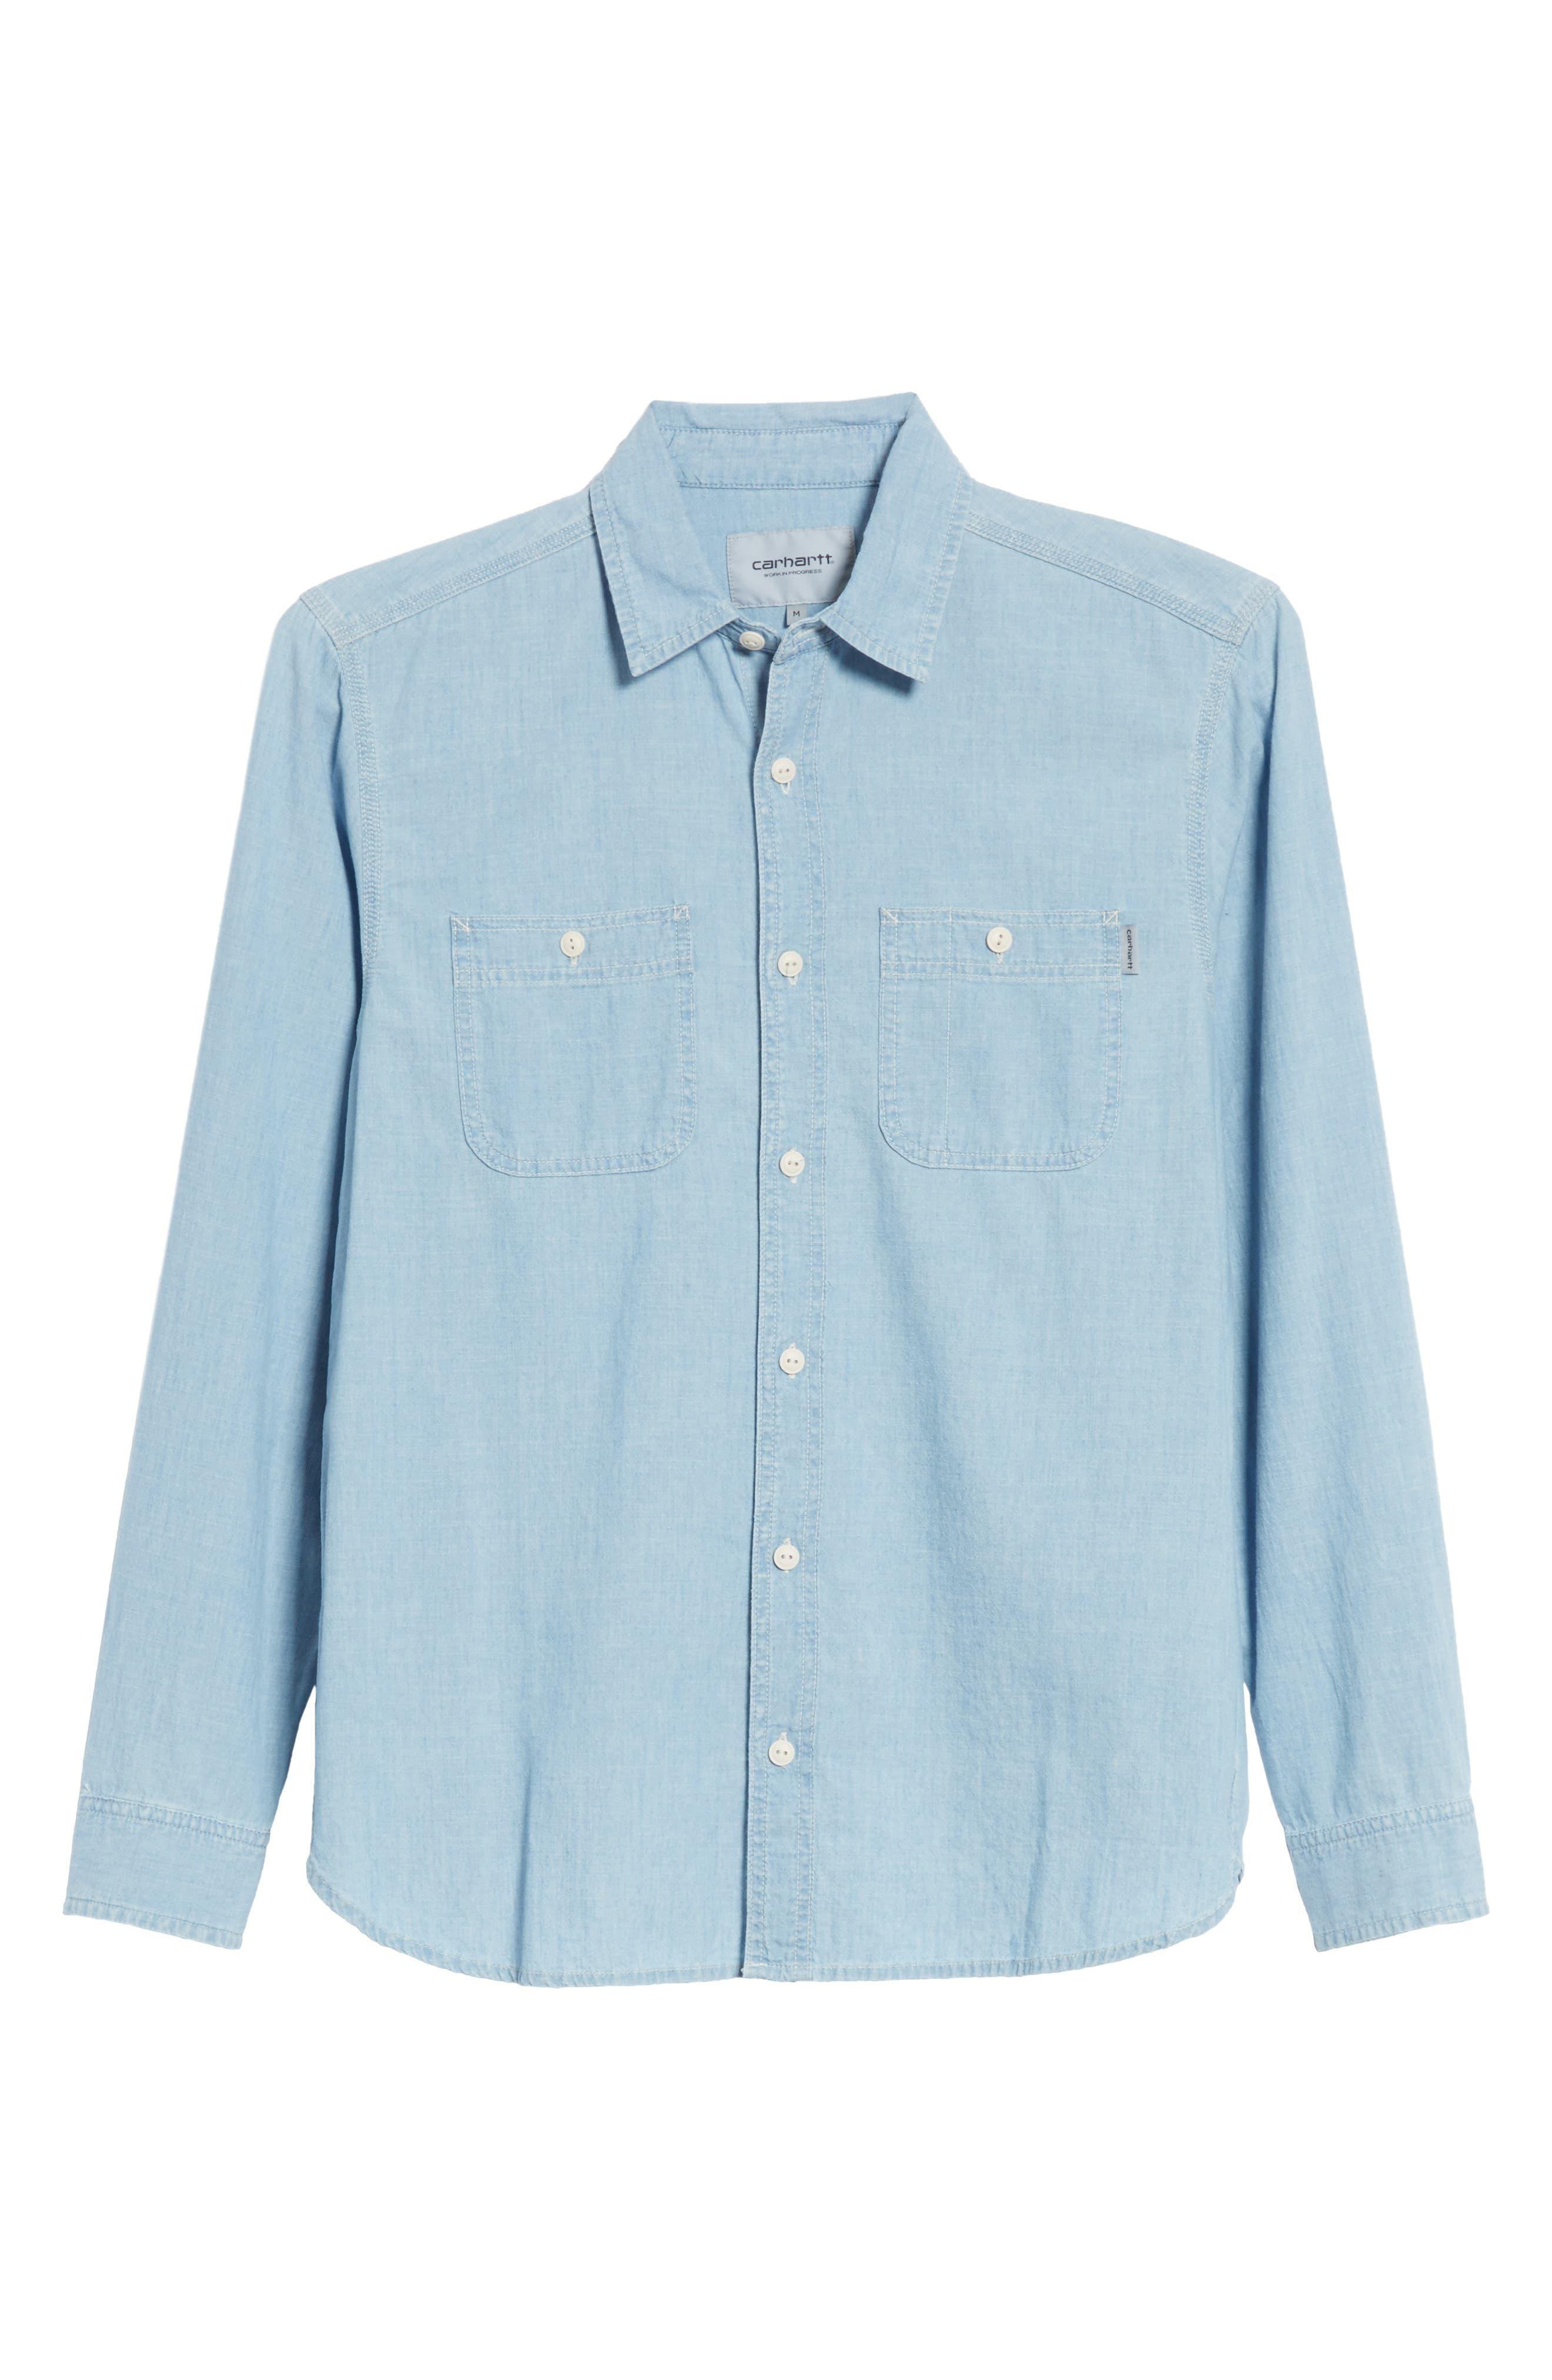 Clink Chambray Shirt,                             Alternate thumbnail 6, color,                             460